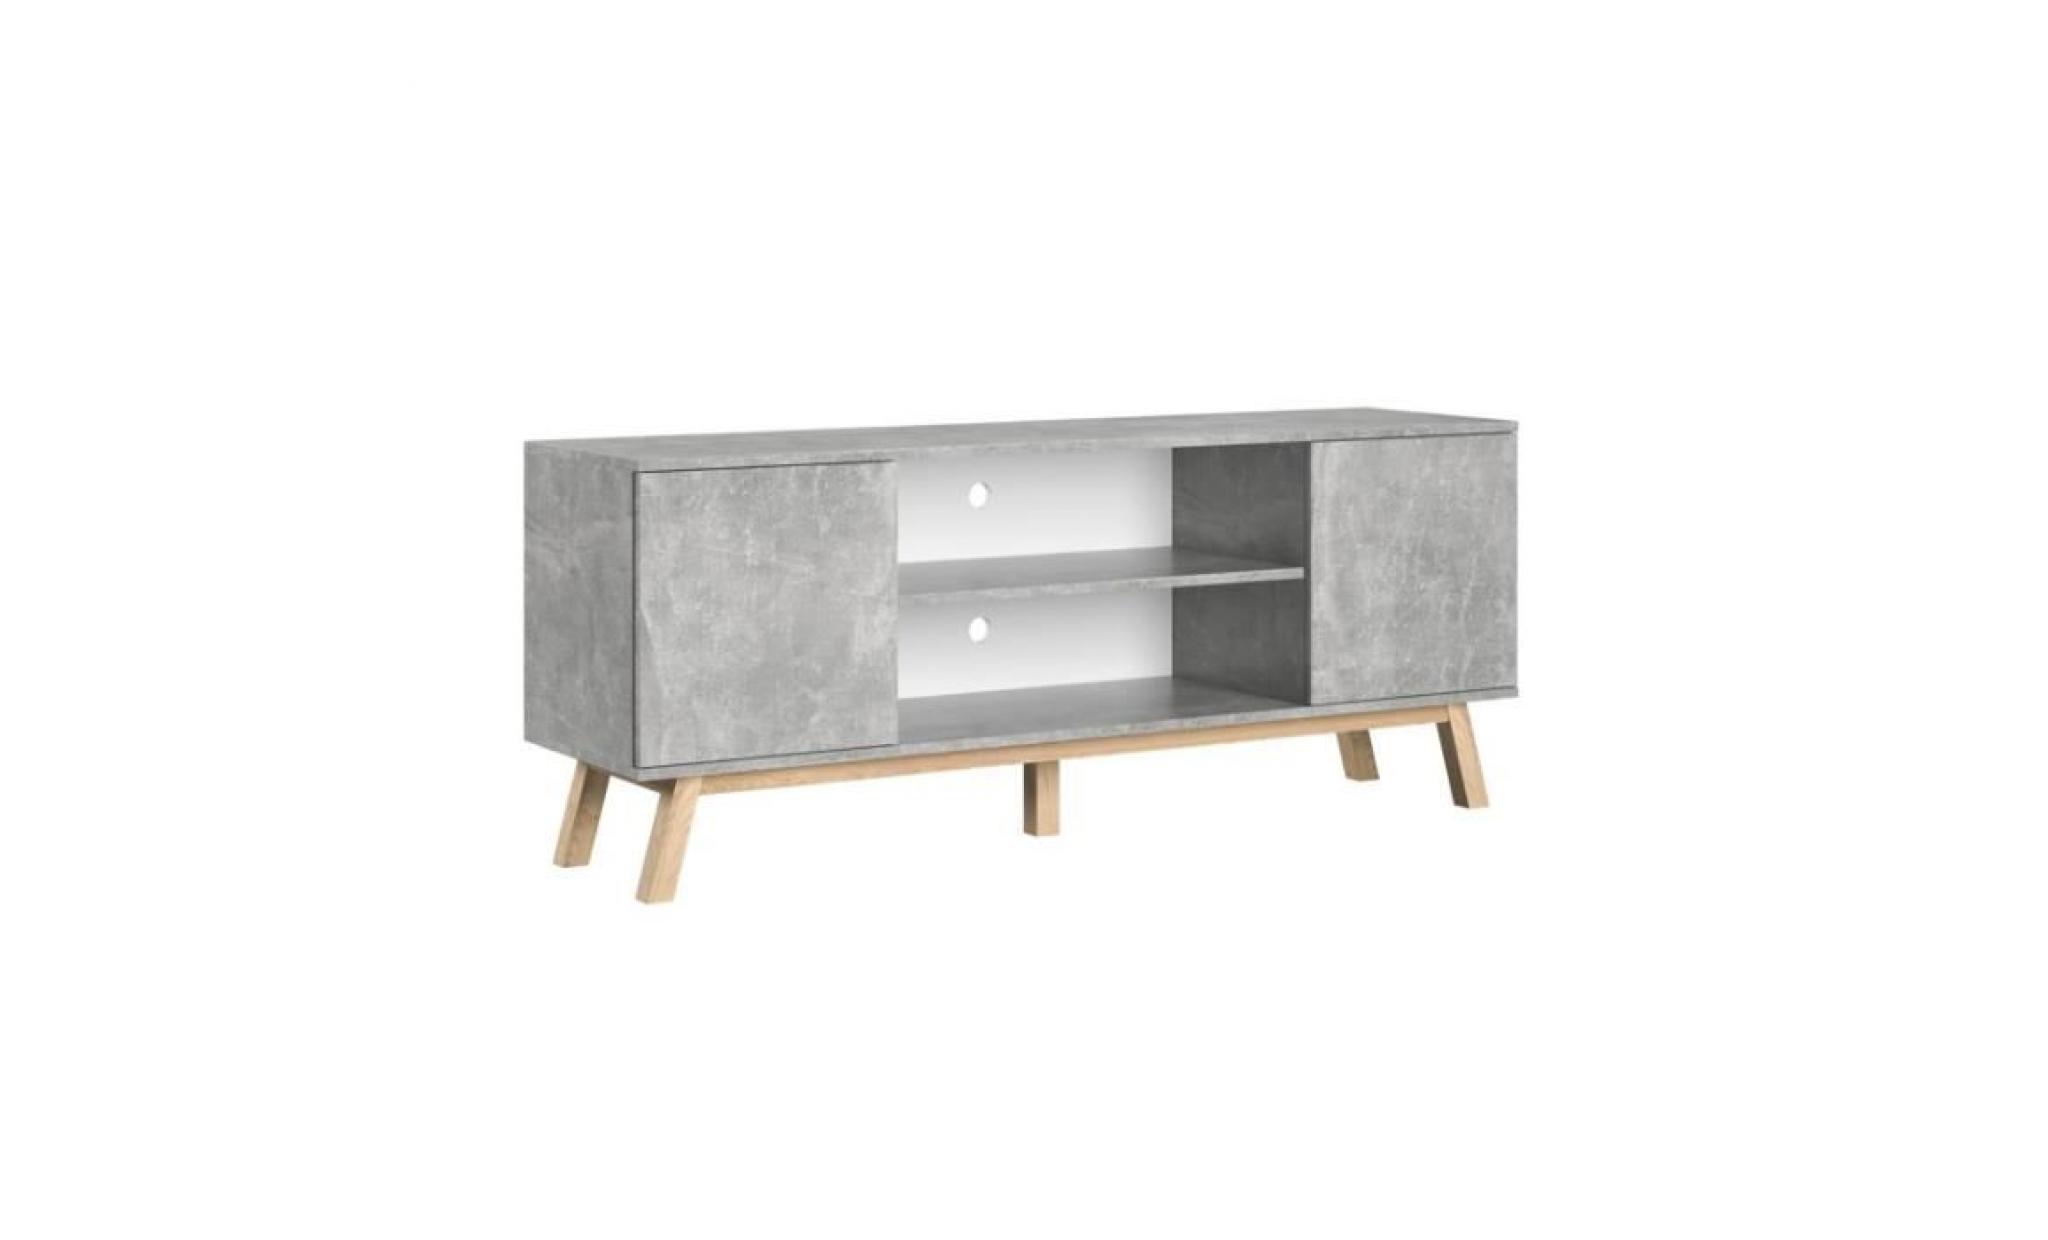 meuble tv multi usage armoire scandinave pieds en bois romeo gris achat vente meuble tv pas cher couleur et design fr